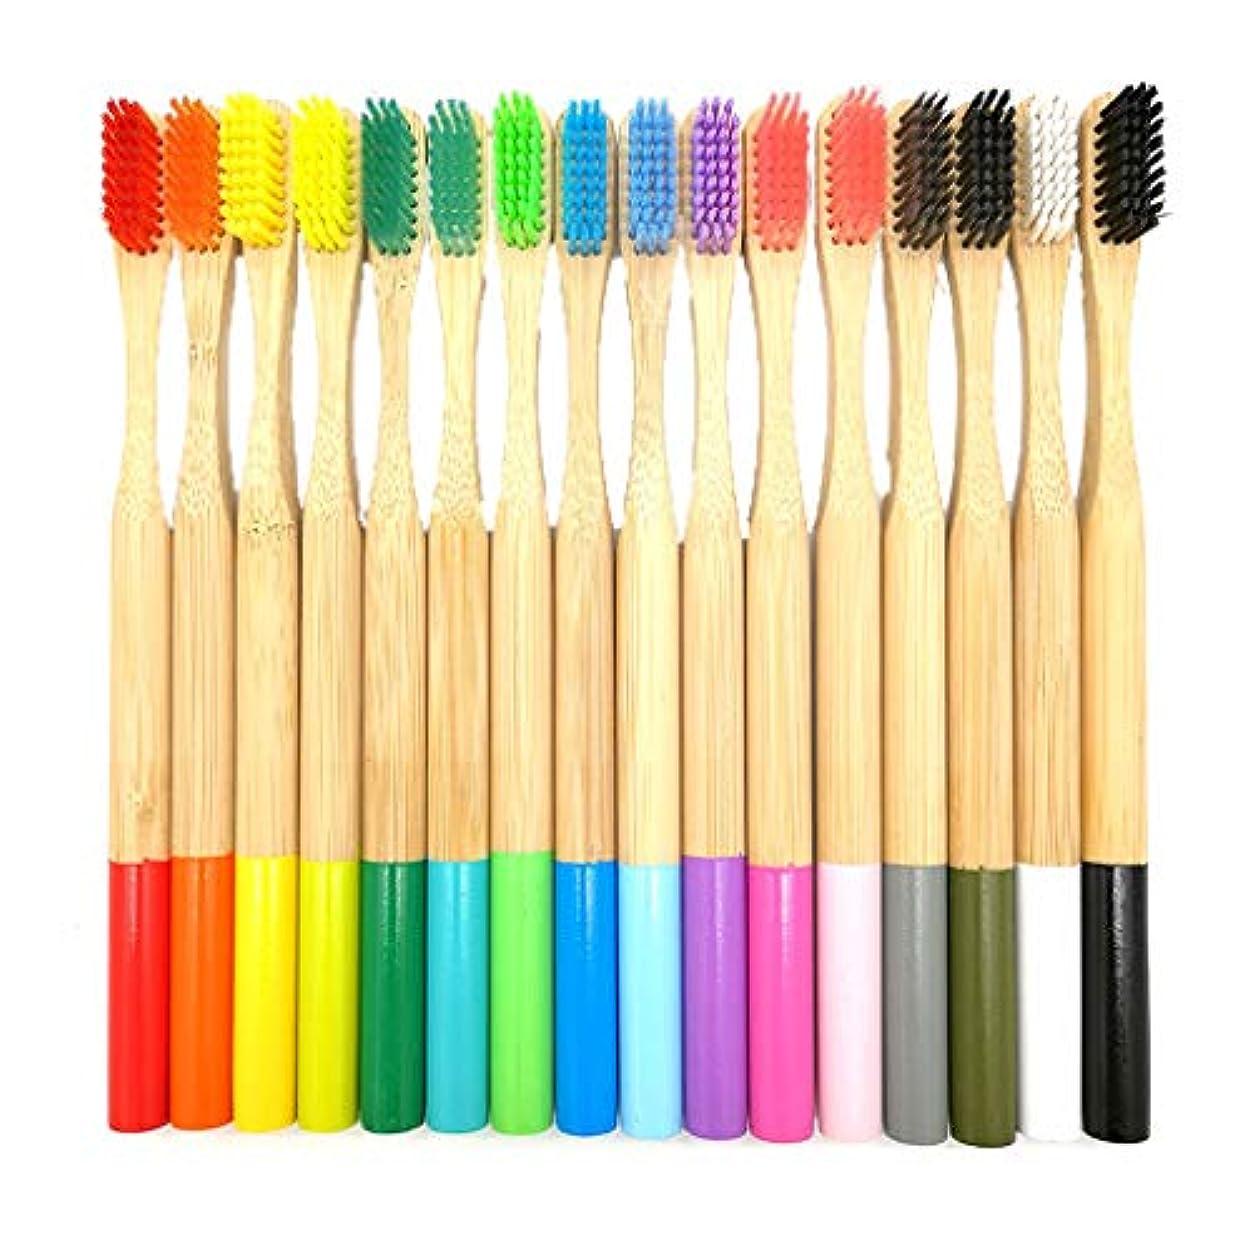 調和コンテスト消費するLazayyii 成人 竹製の歯ブラシ オーラルケア 竹繊維 やわらかい歯ブラシ 人気16本 (マルチカラー)